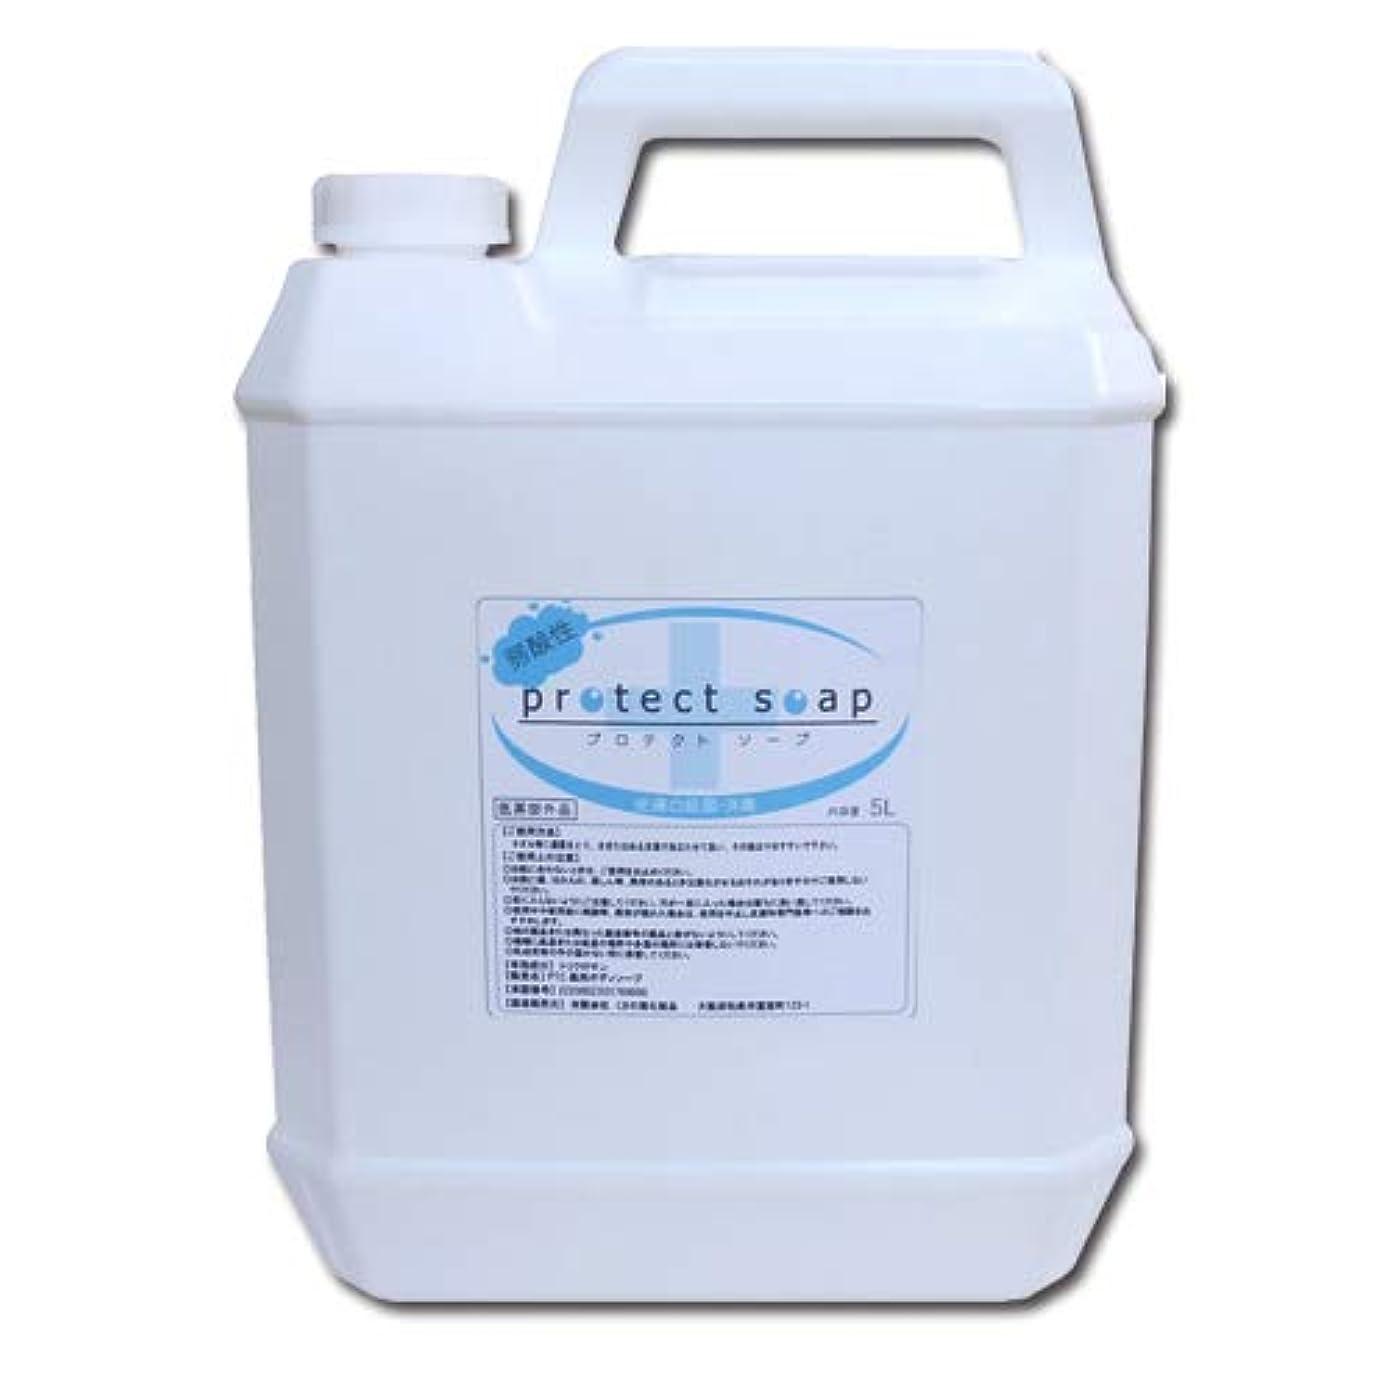 ビーチ解体するの間で低刺激弱酸性 液体石鹸 プロテクトソープ 5L 業務用│せっけん液 液体せっけん 殺菌?消毒 インフルエンザ?ノロウィルス対策